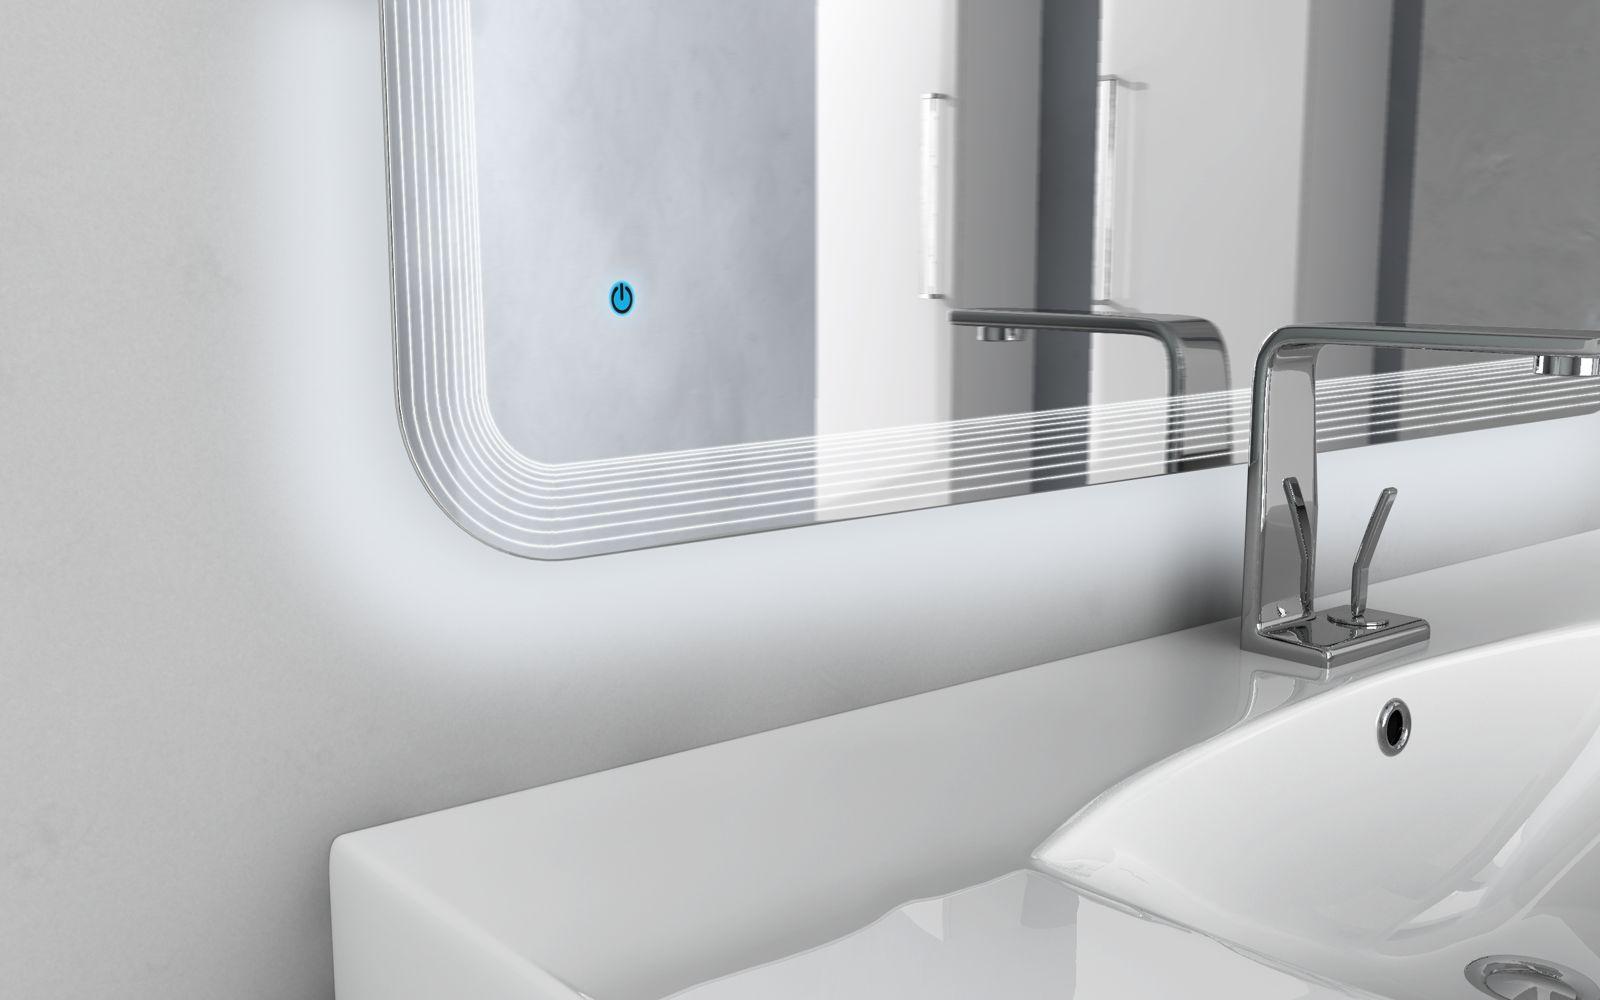 Specchio specchiera a led da bagno arredo 90x60 x74 x100 x120 accensione touch 2 ebay - Specchiera bagno blu ...